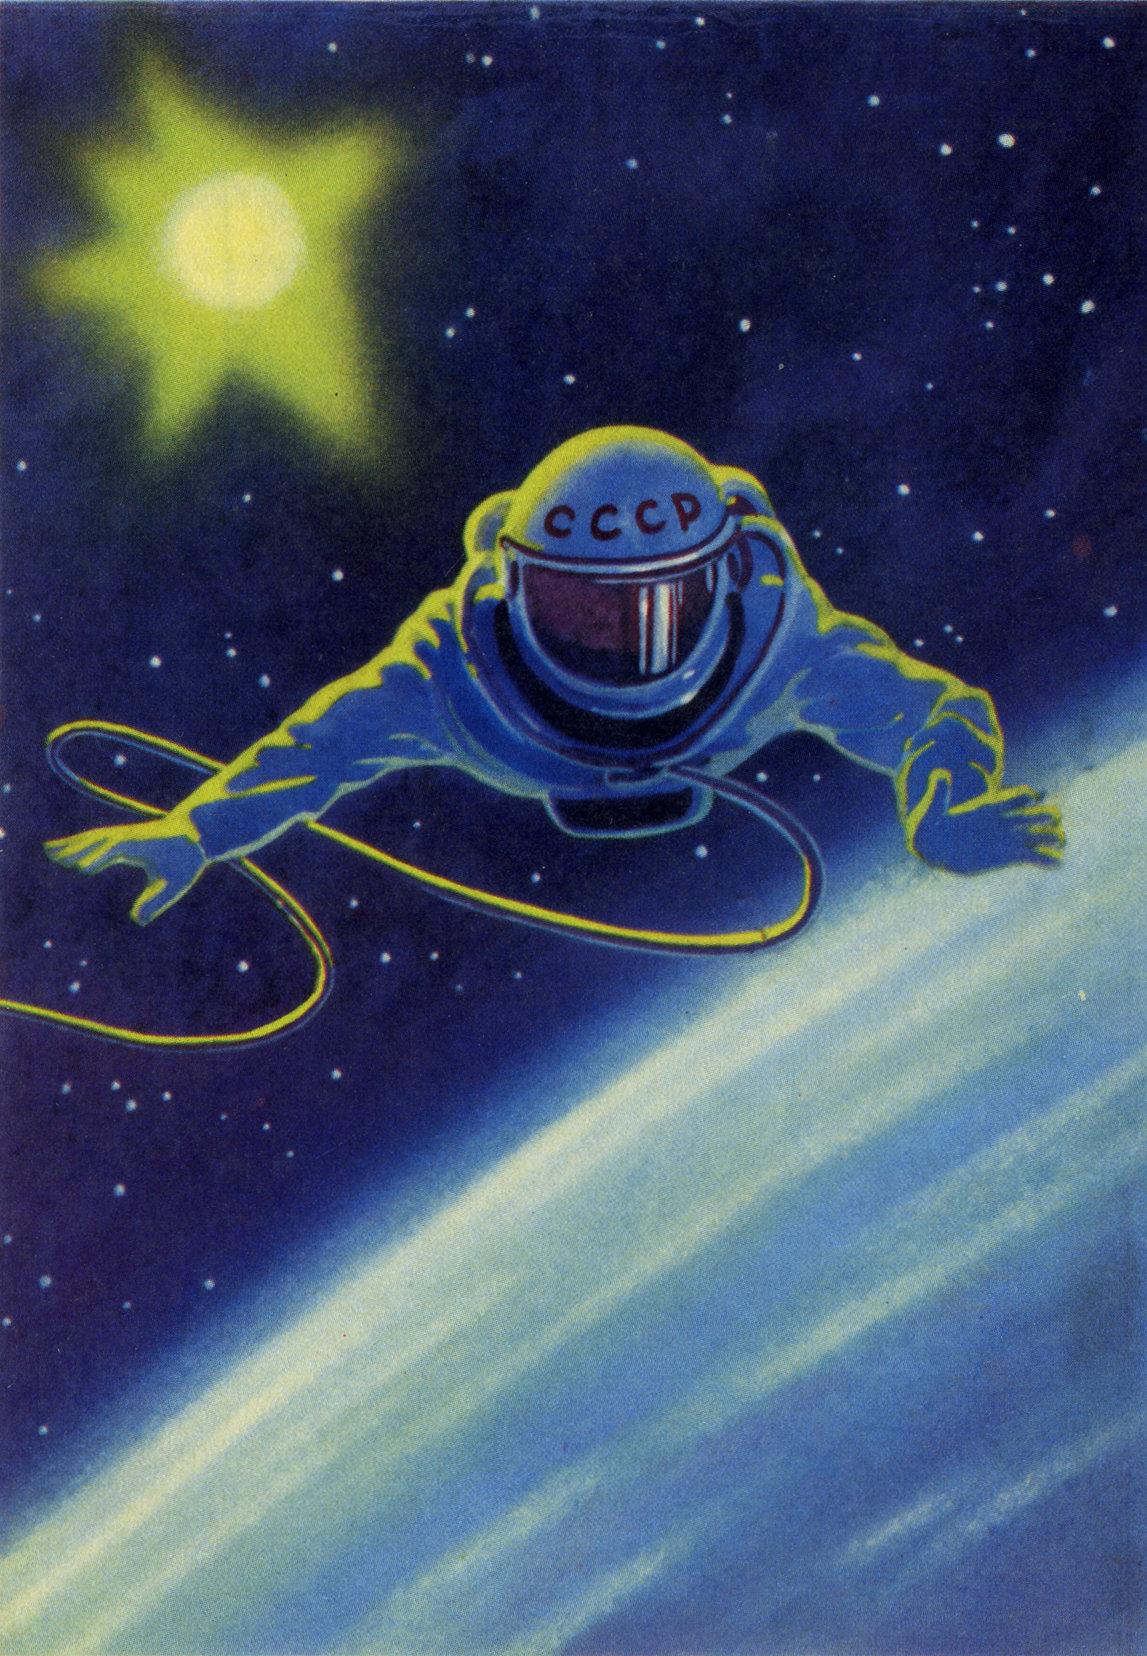 Открытка на тему космос, днем